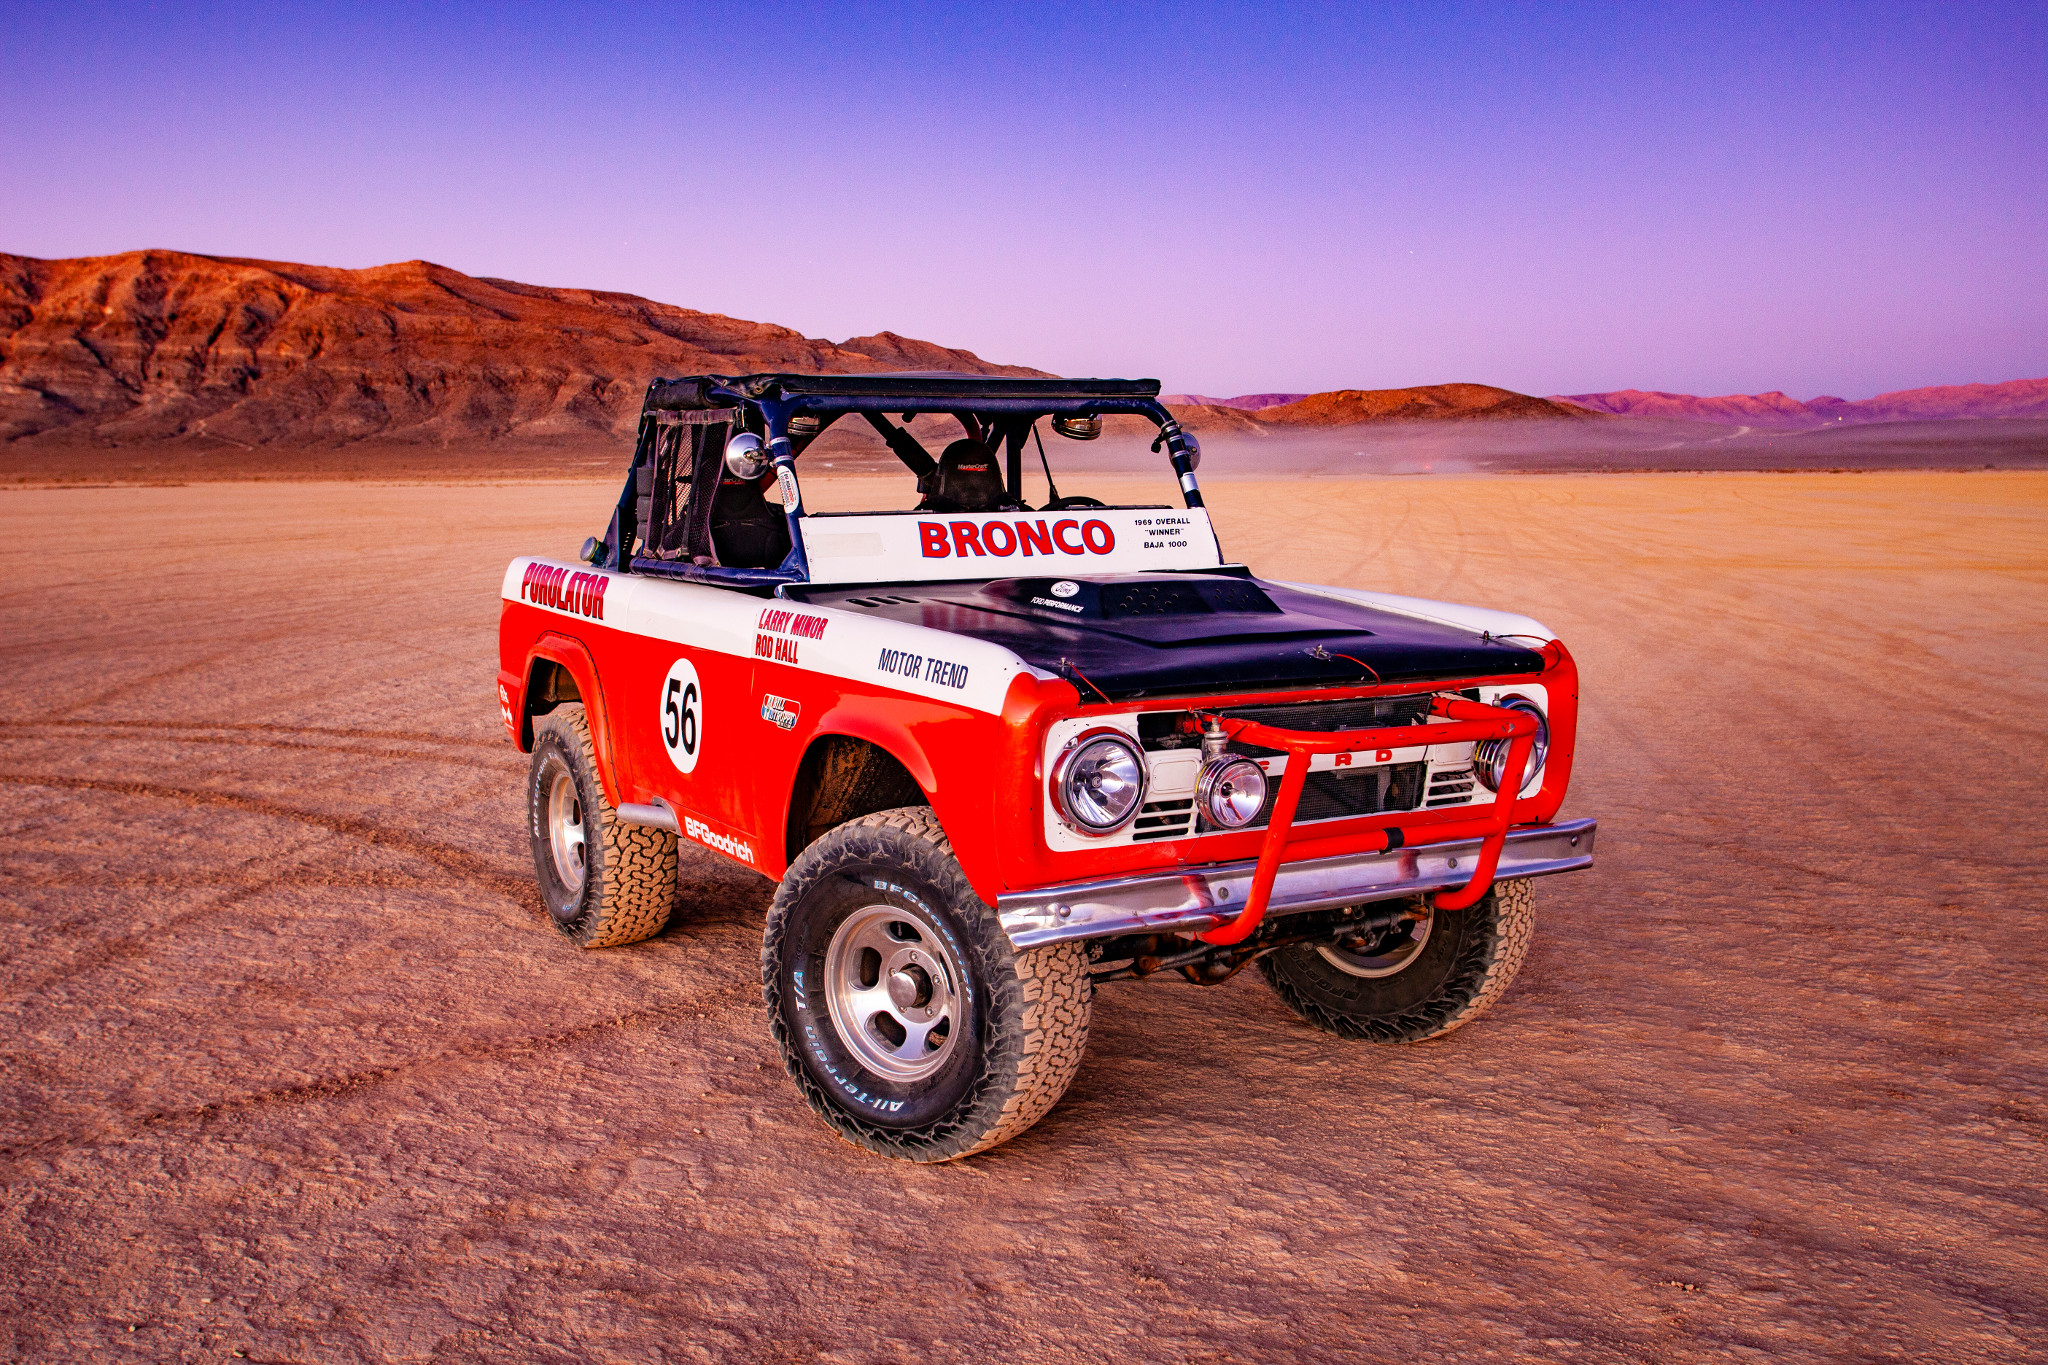 ford-baja-1000-bronco-1969-01-angle--black--desert--exterior--front--off-road--red--white.jpg